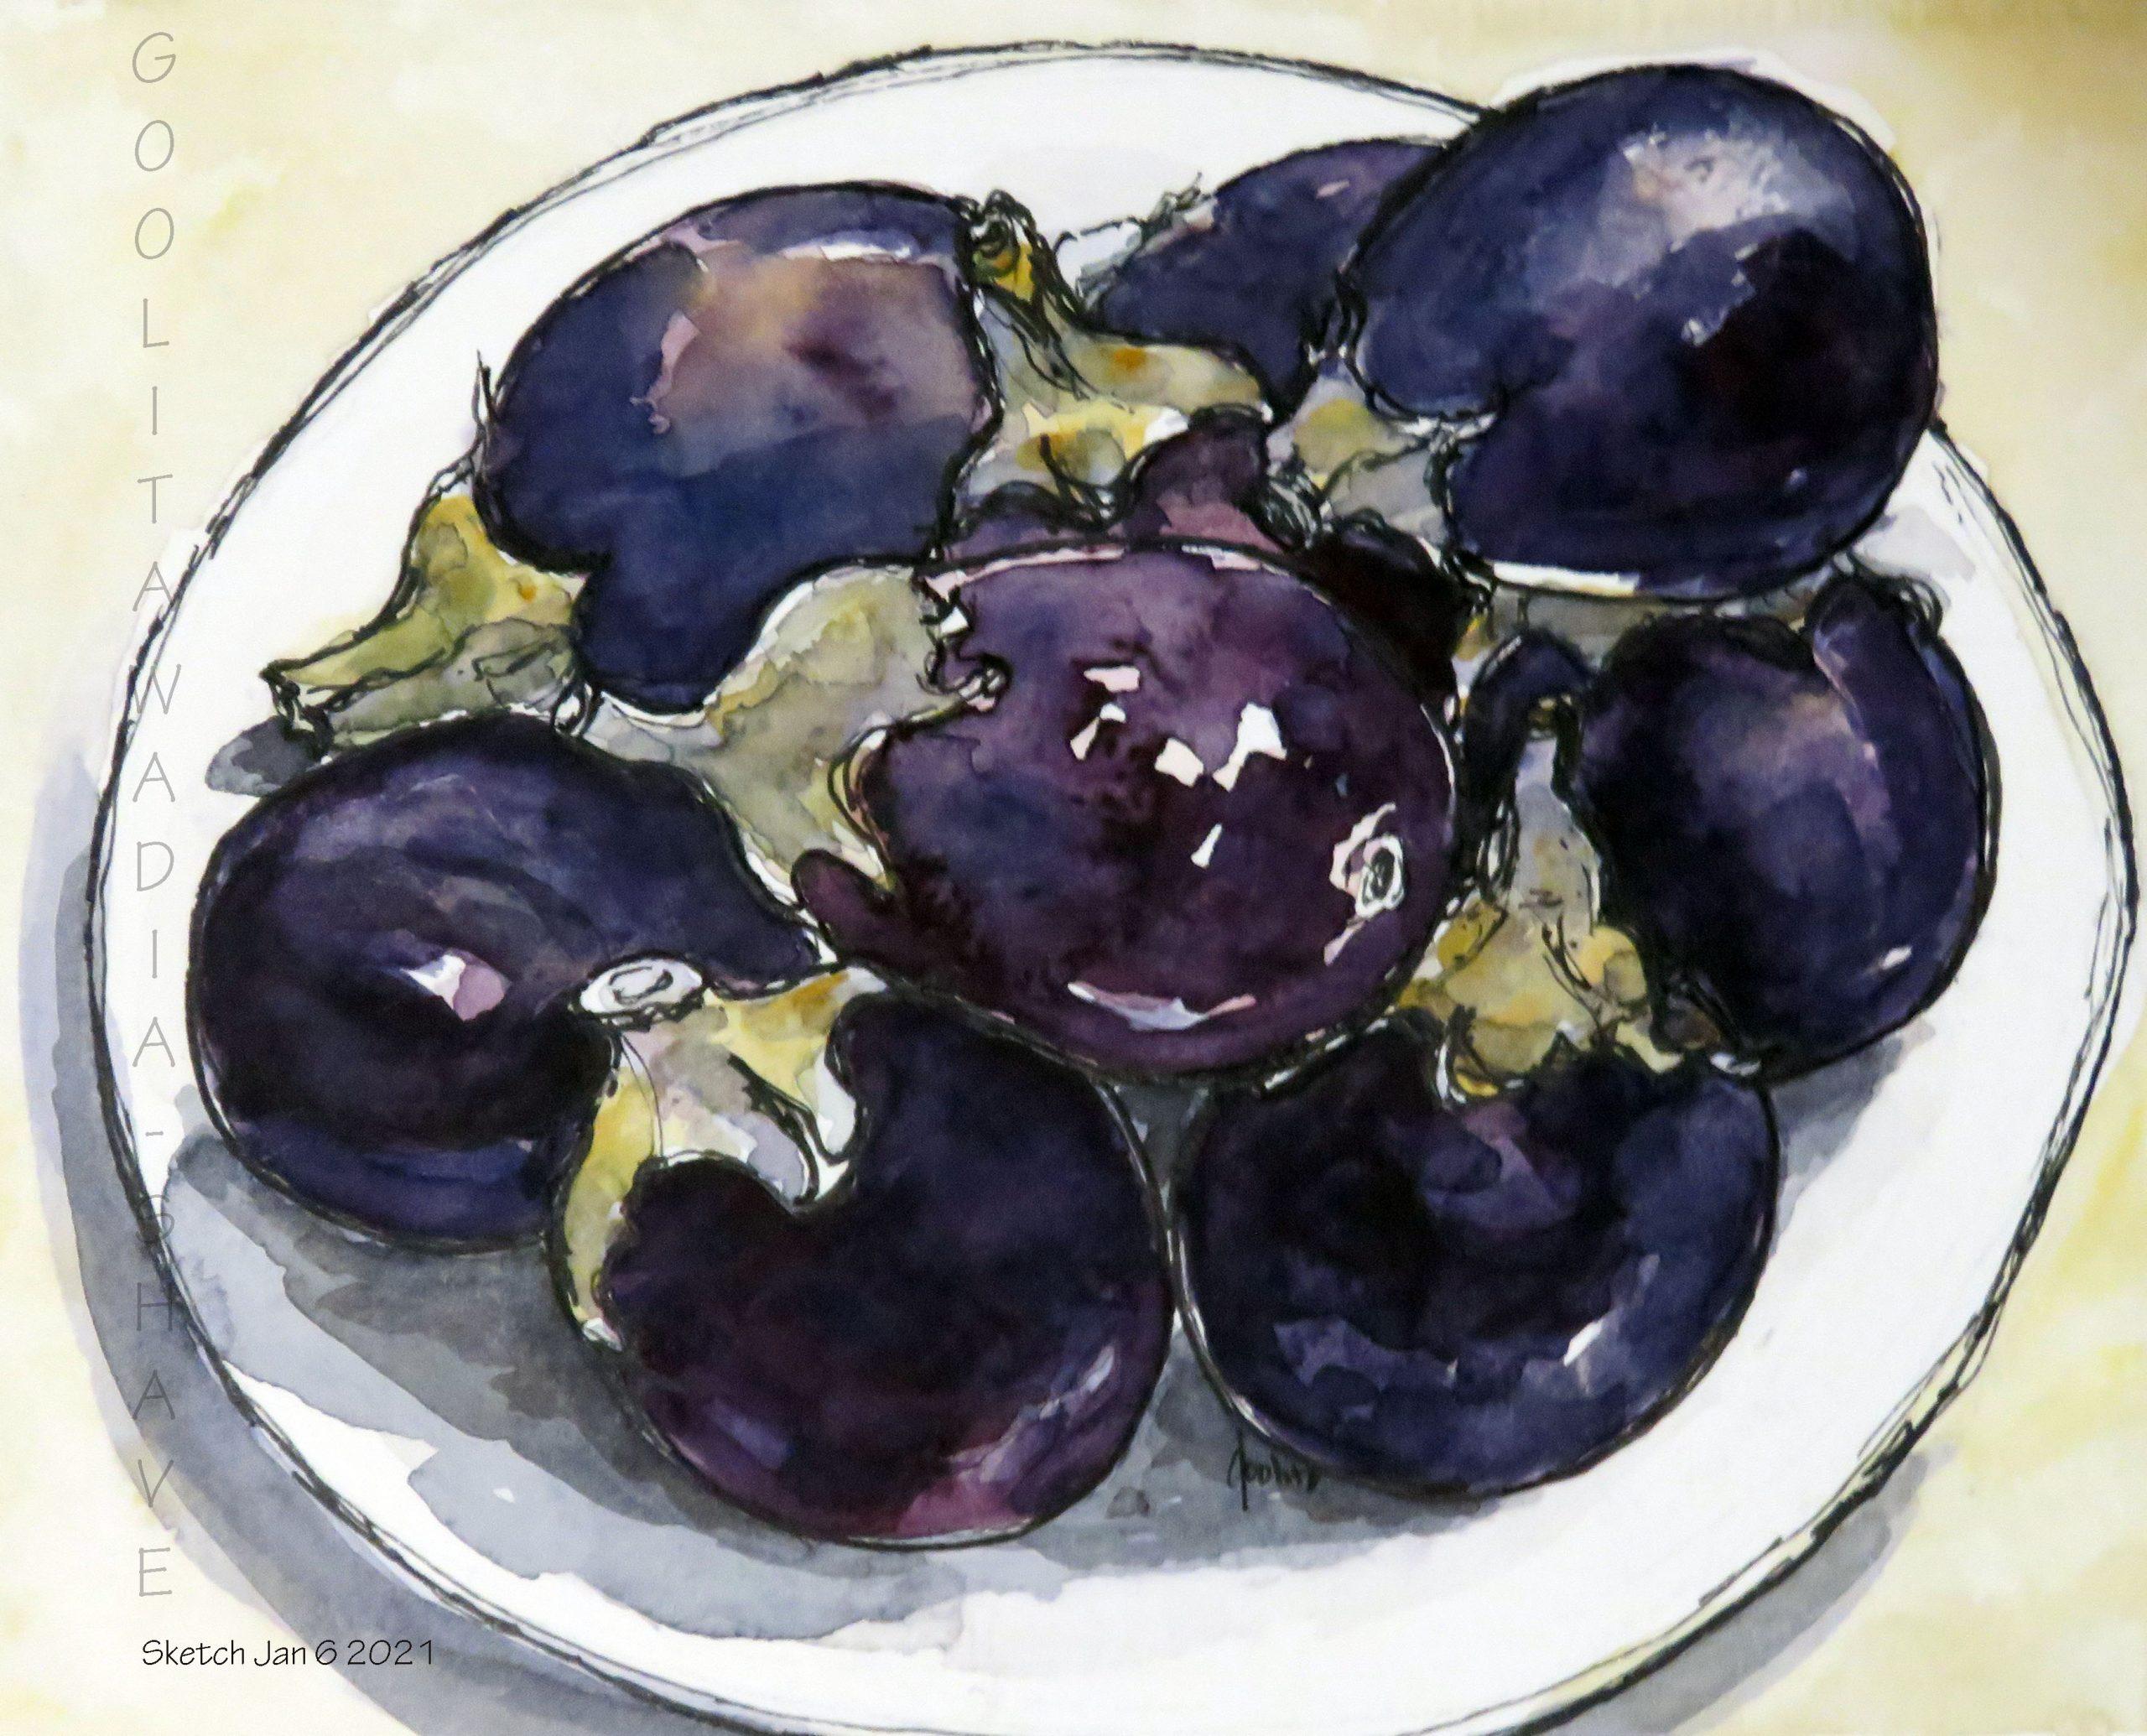 """Eggplants, Mum's Favourites - 6"""" x 8"""" Original Watercolour on Archival Paper. 8' x10"""" Prints Available $45"""